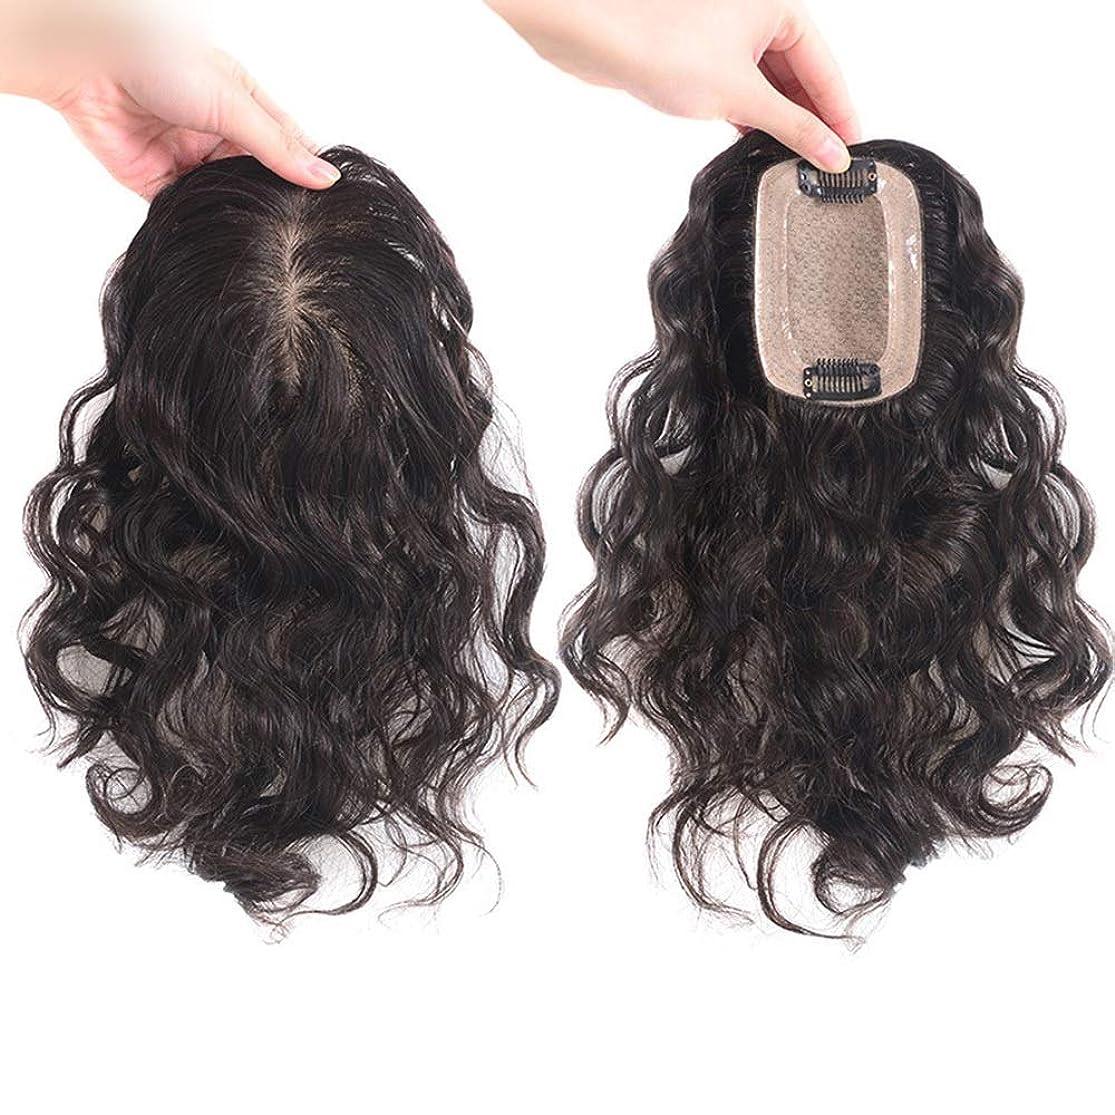 縞模様の画家設置Yrattary 女性のフルハンドウィービング針本物の髪カーリーヘアーナチュラルブルネットトップ交換ブロック見えないかつら合成毛髪のレースのかつらロールプレイングかつら (色 : [7x10] dark brown 20cm)